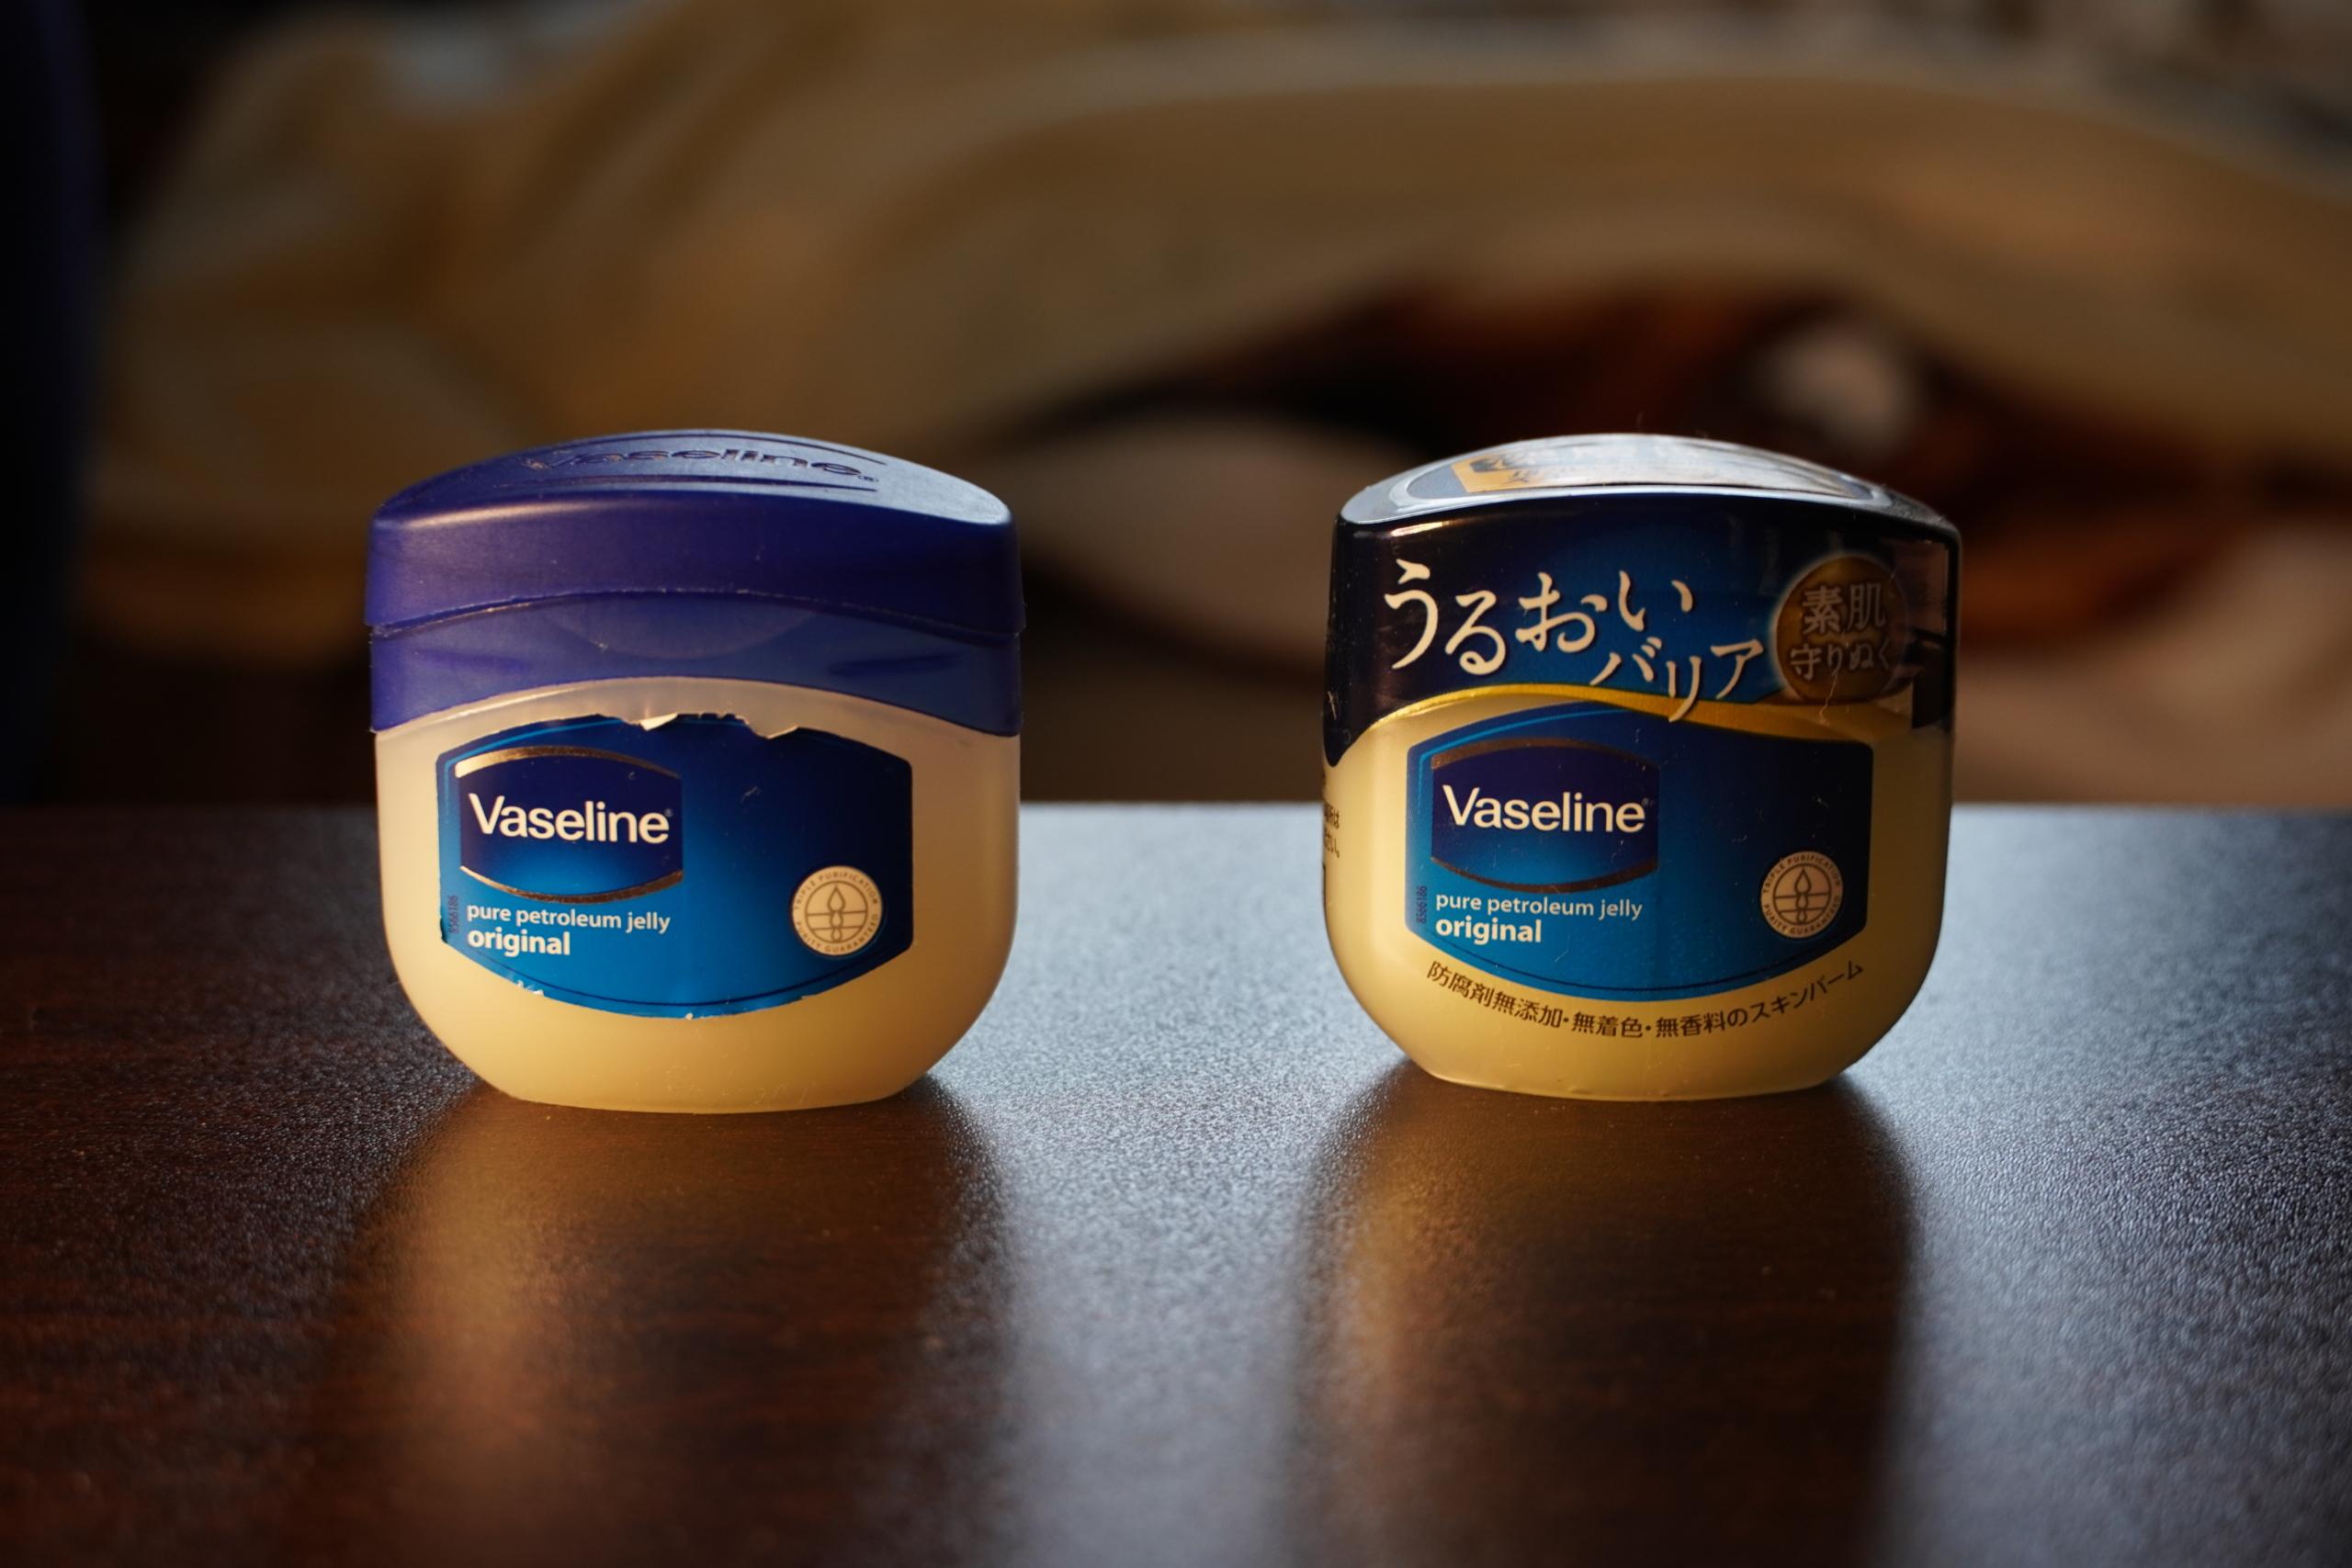 Vaseline(ヴァセリン)